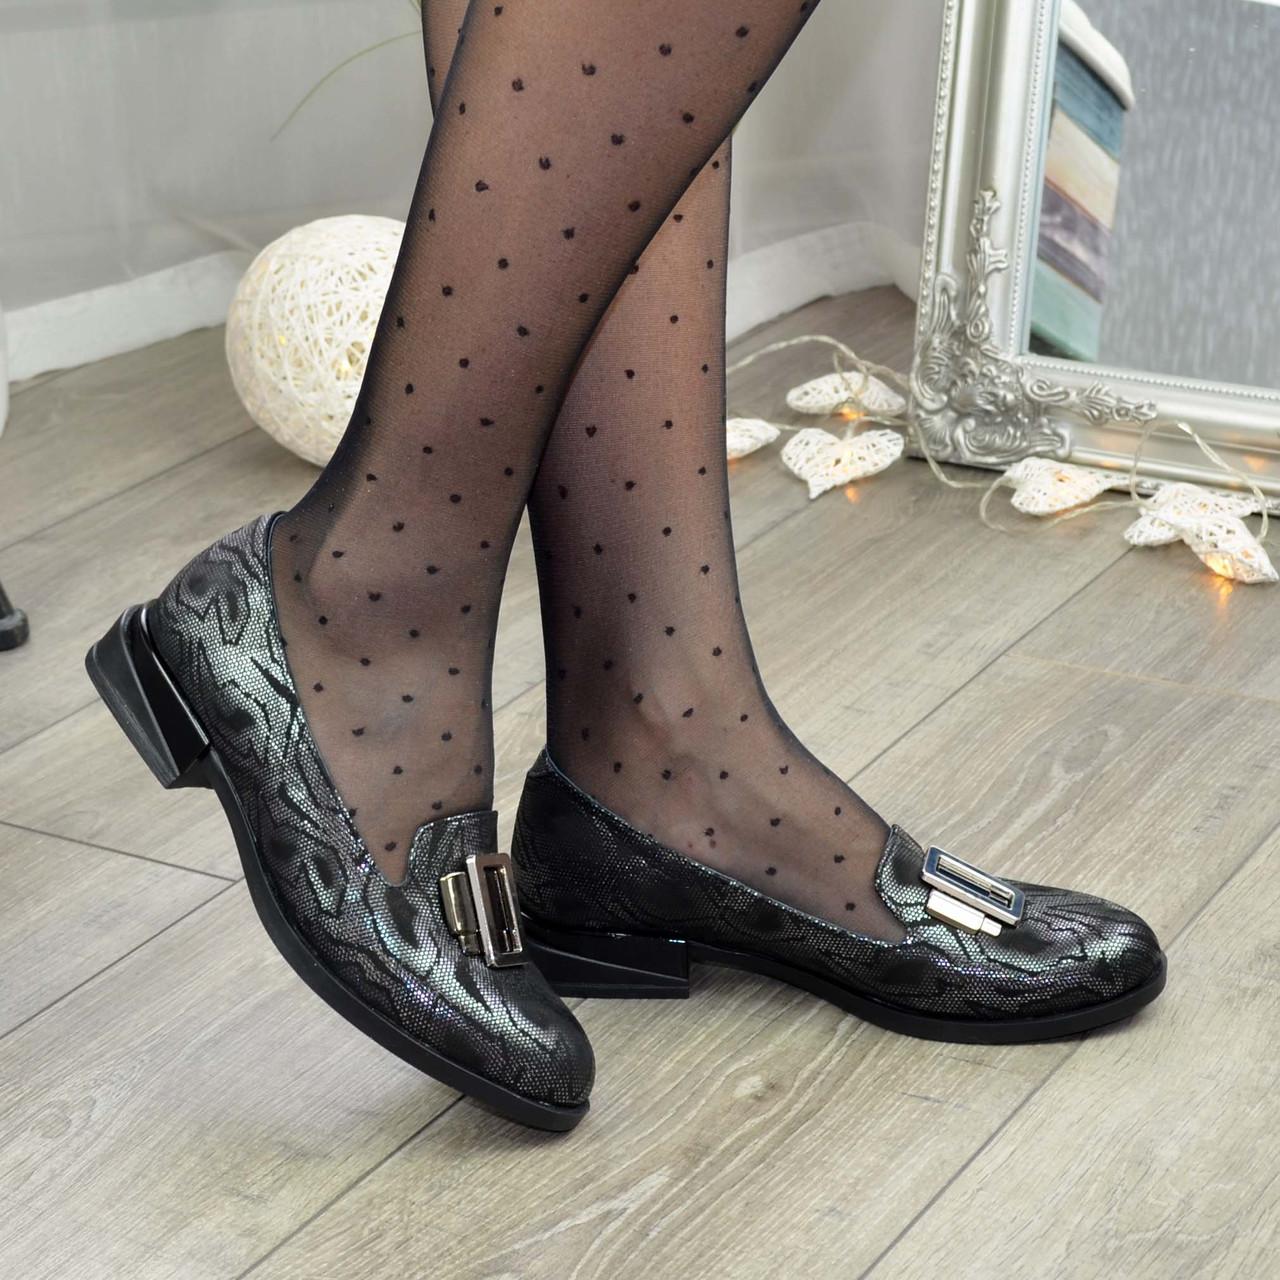 Туфли женские на маленьком каблуке, декорированы фурнитурой, натуральная кожа с принтом питон